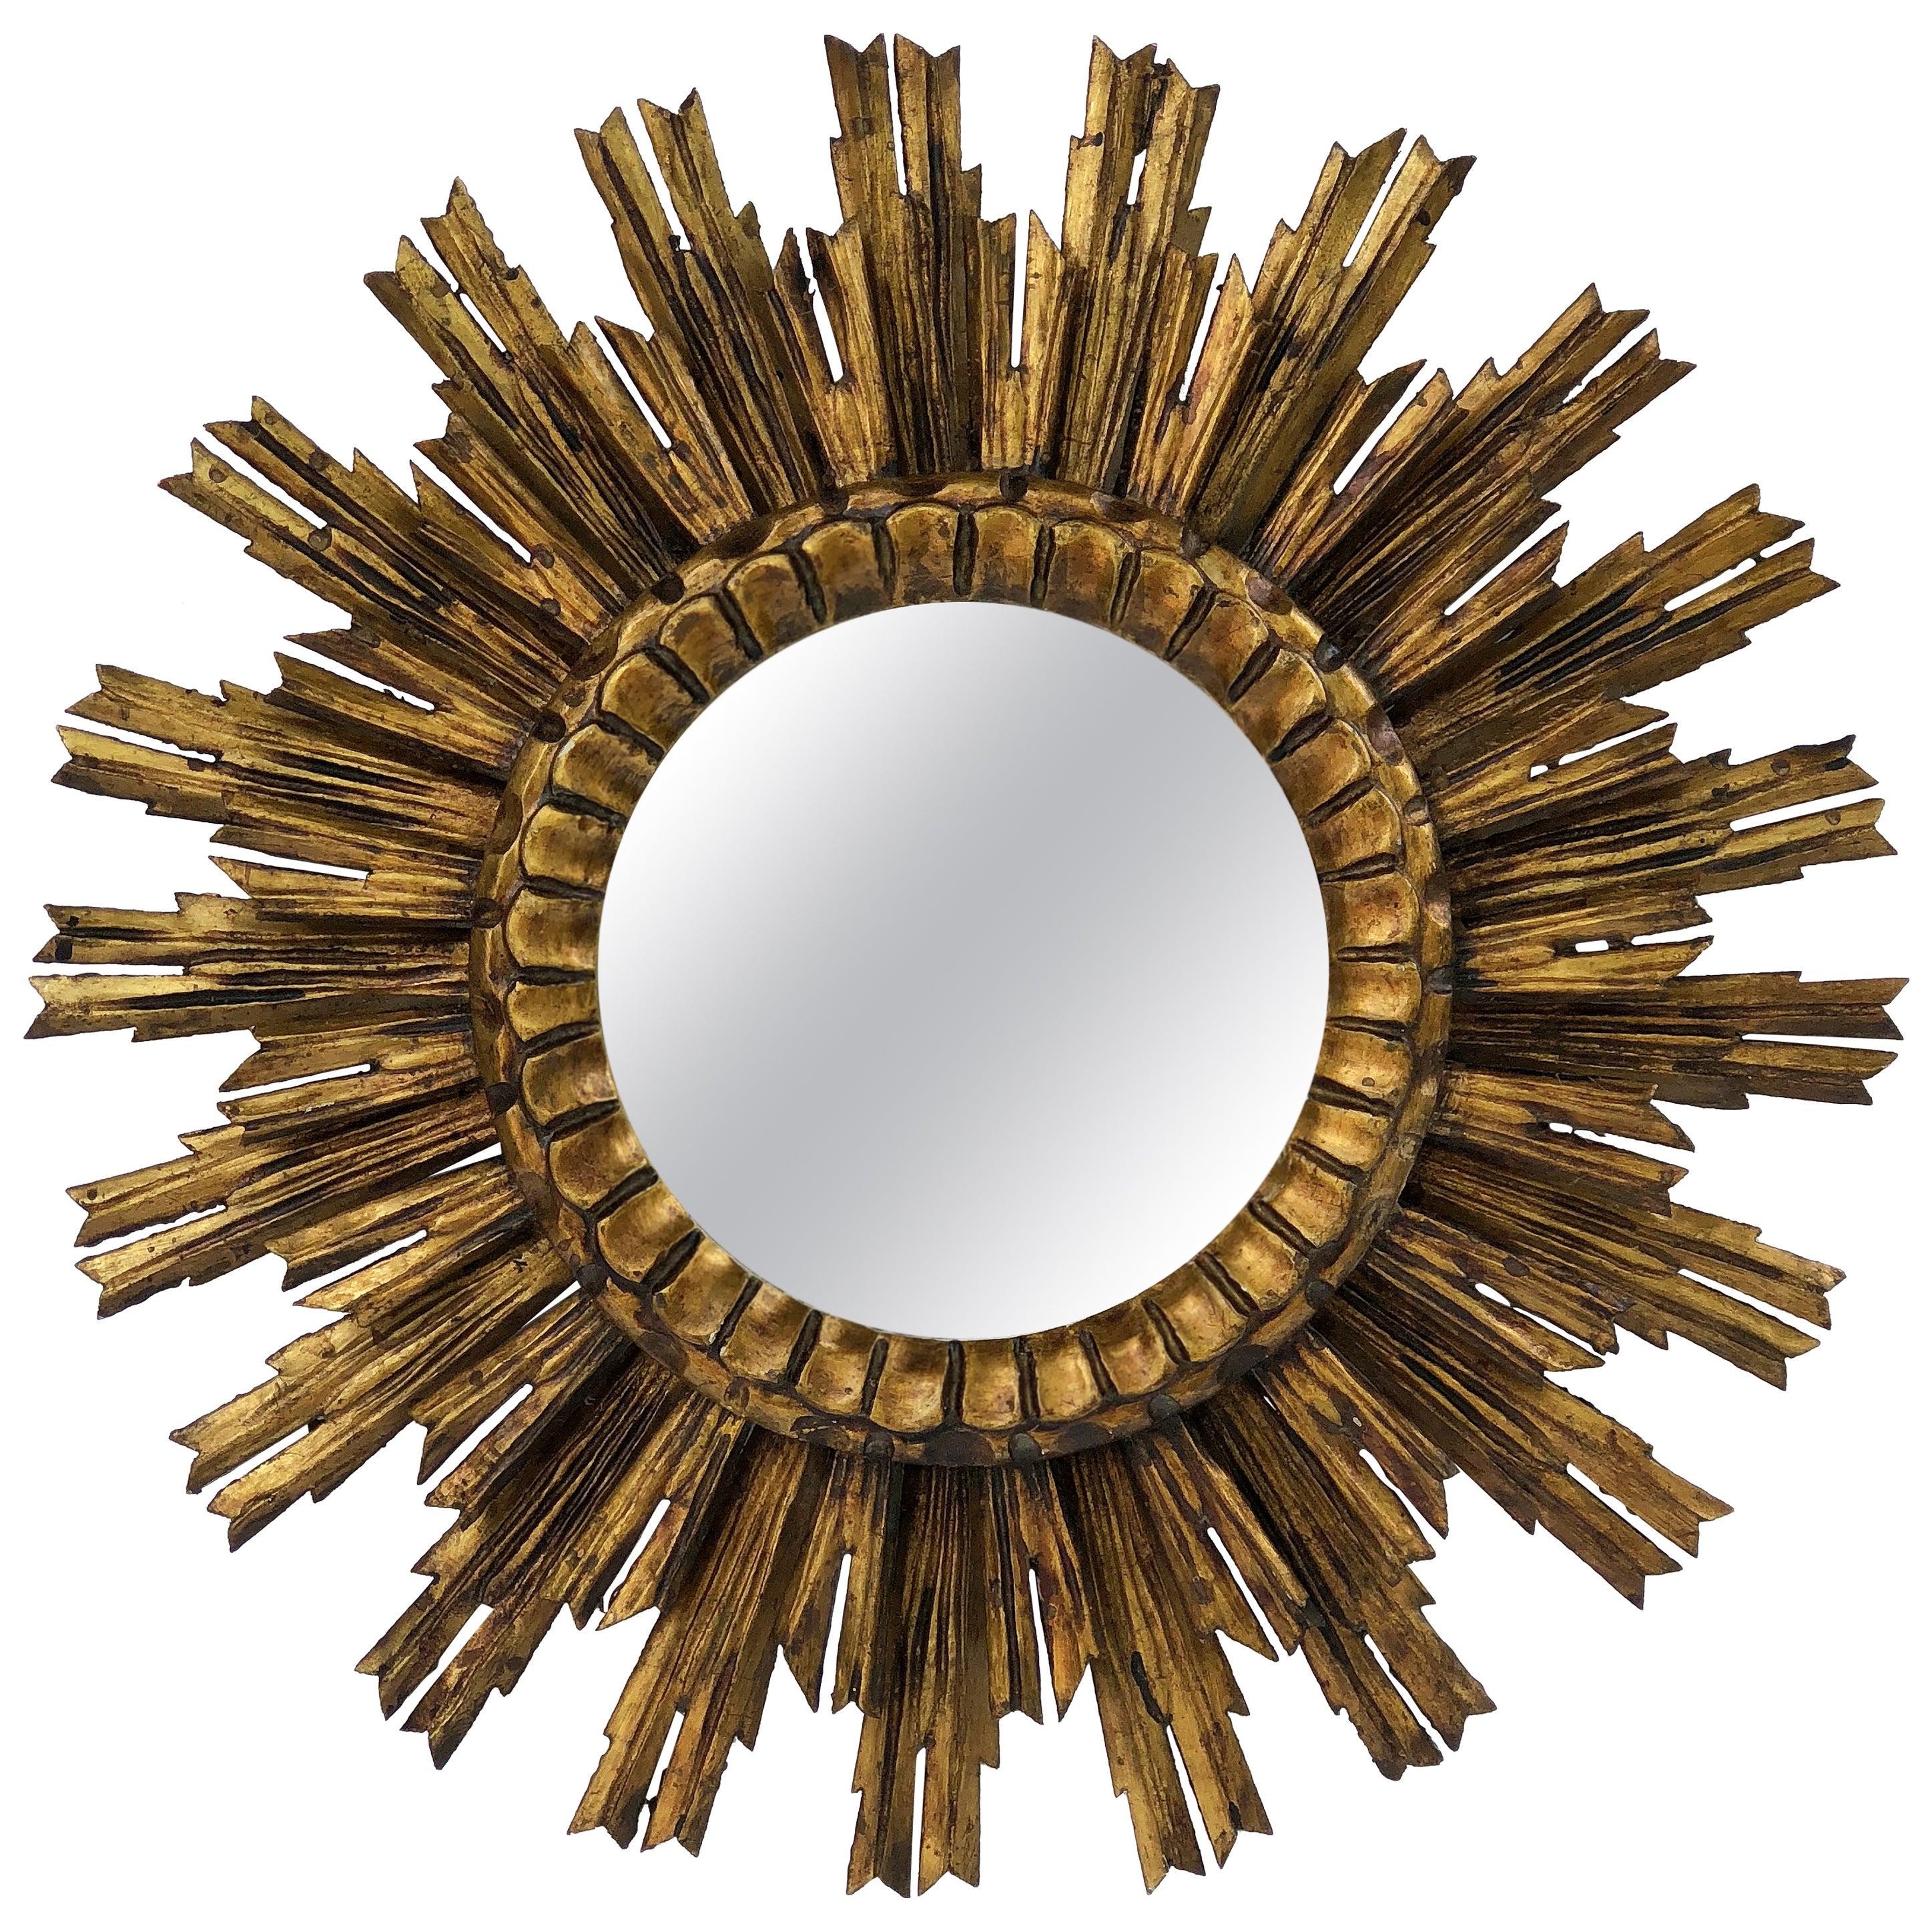 French Gilt Starburst or Sunburst Mirror (Diameter 24)